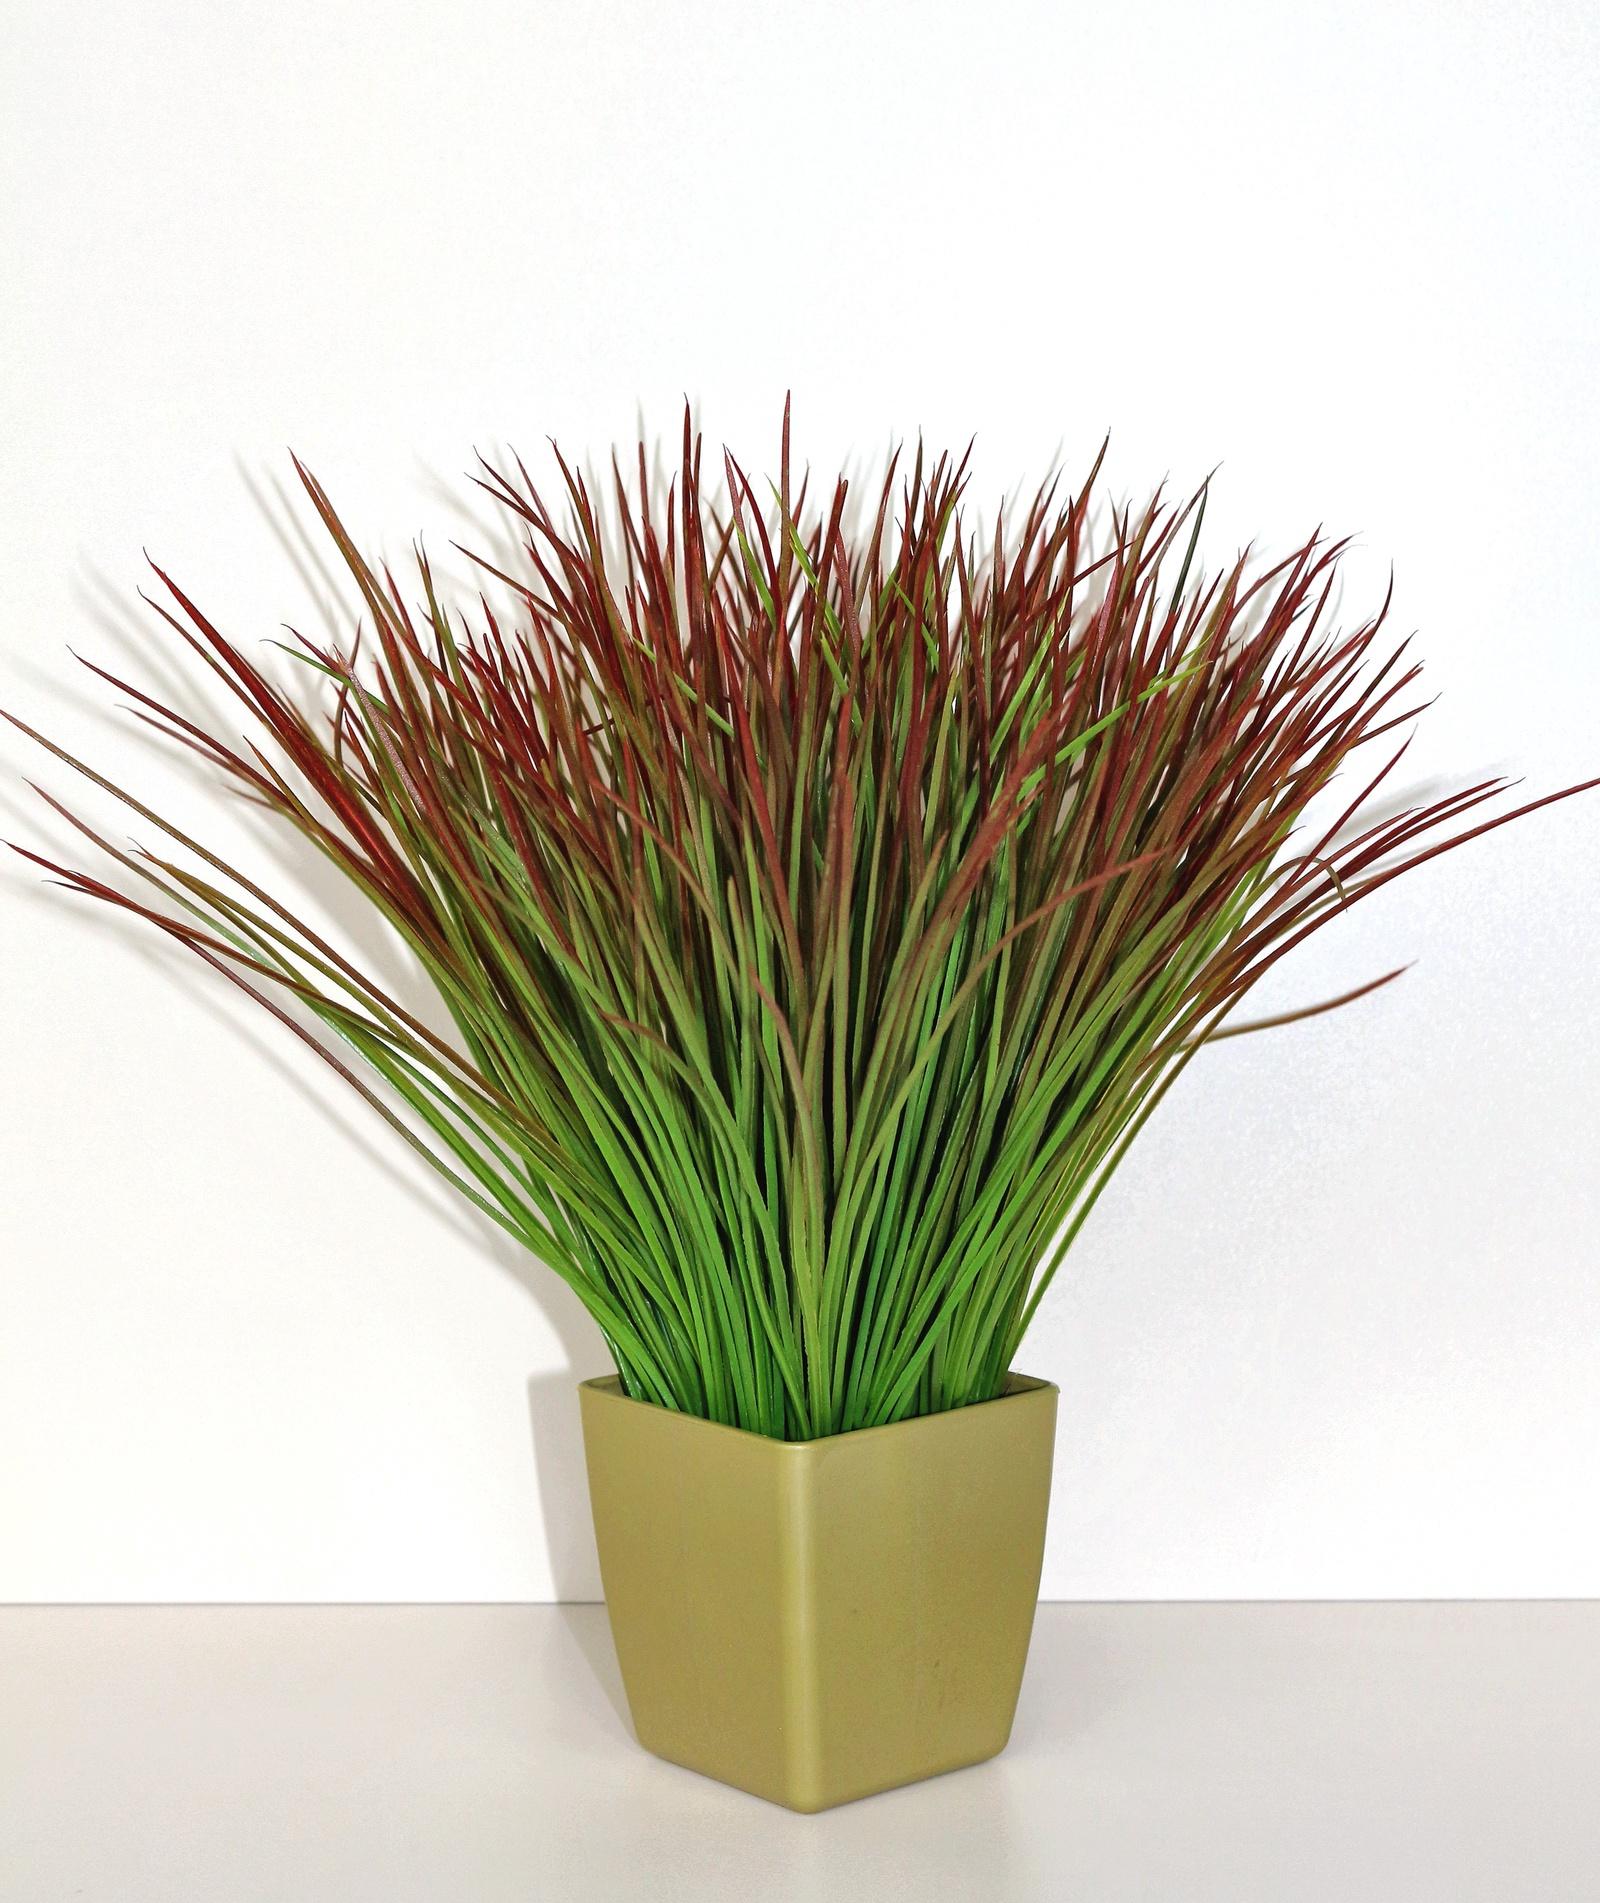 Искусственные растения купить в новосибирске